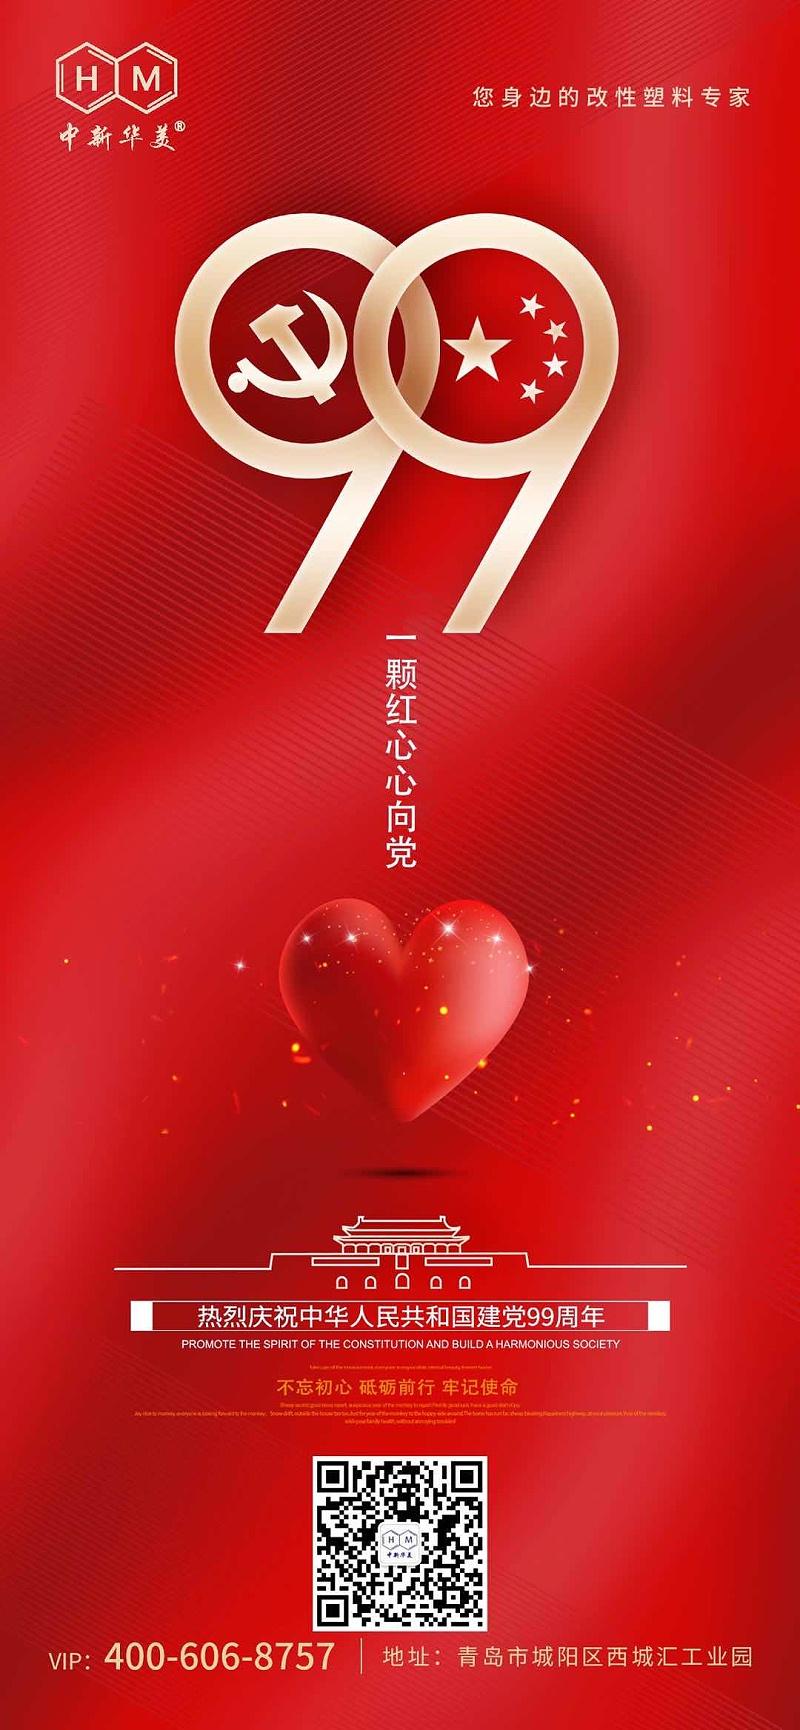 热烈庆祝中国共产党建党99周年--中新华美改性塑料